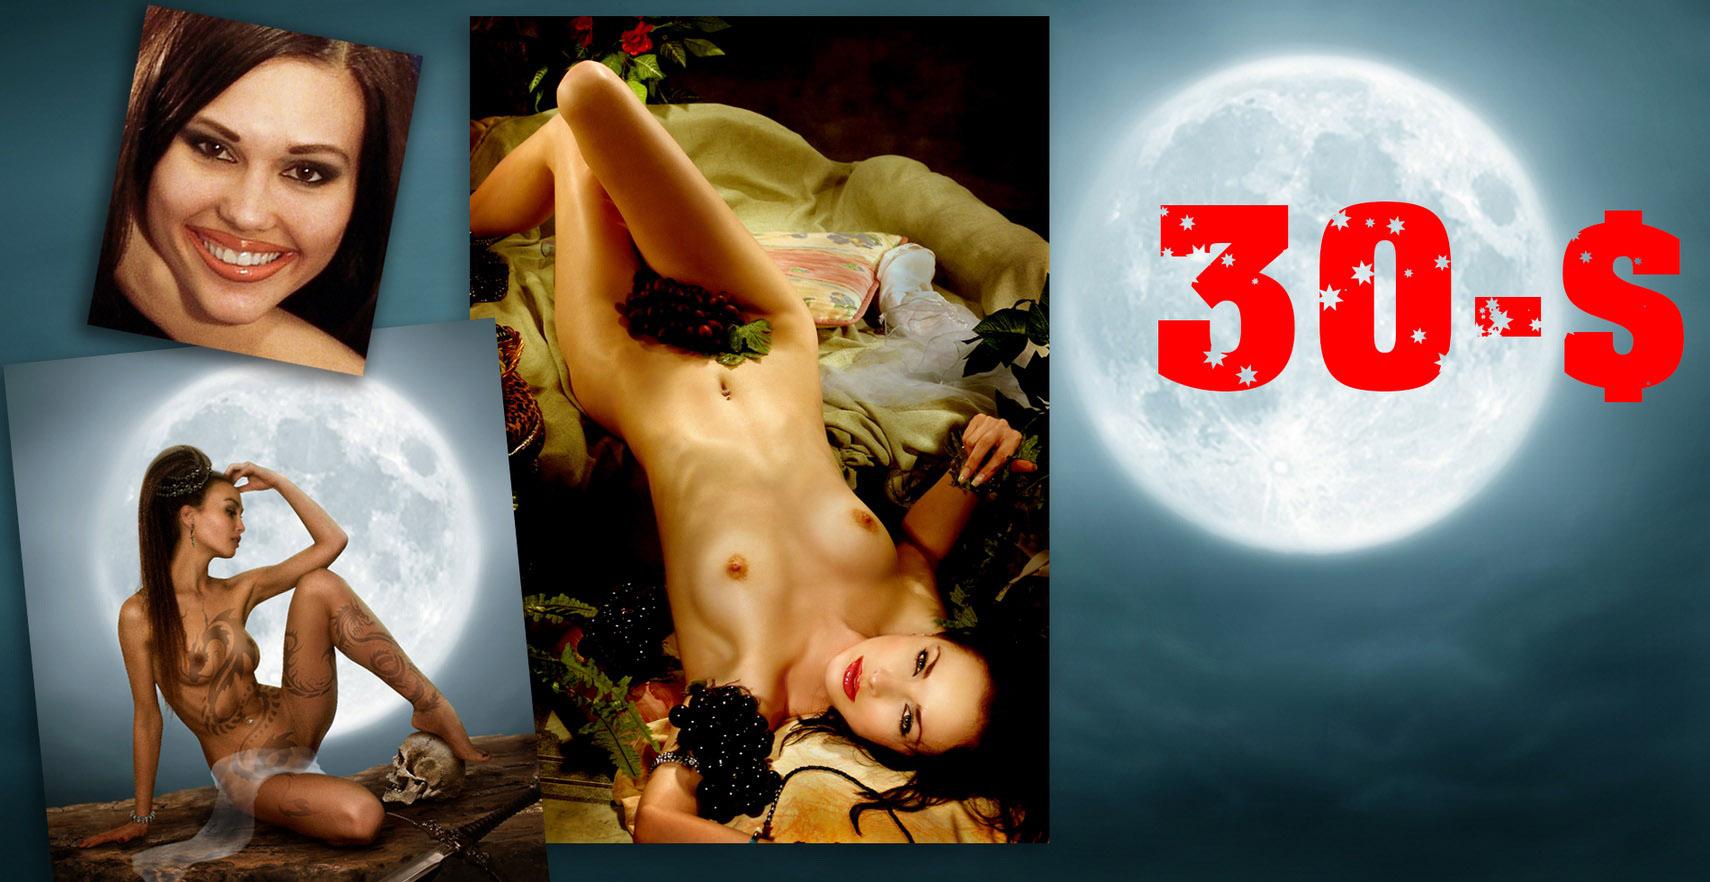 erotic rewards n